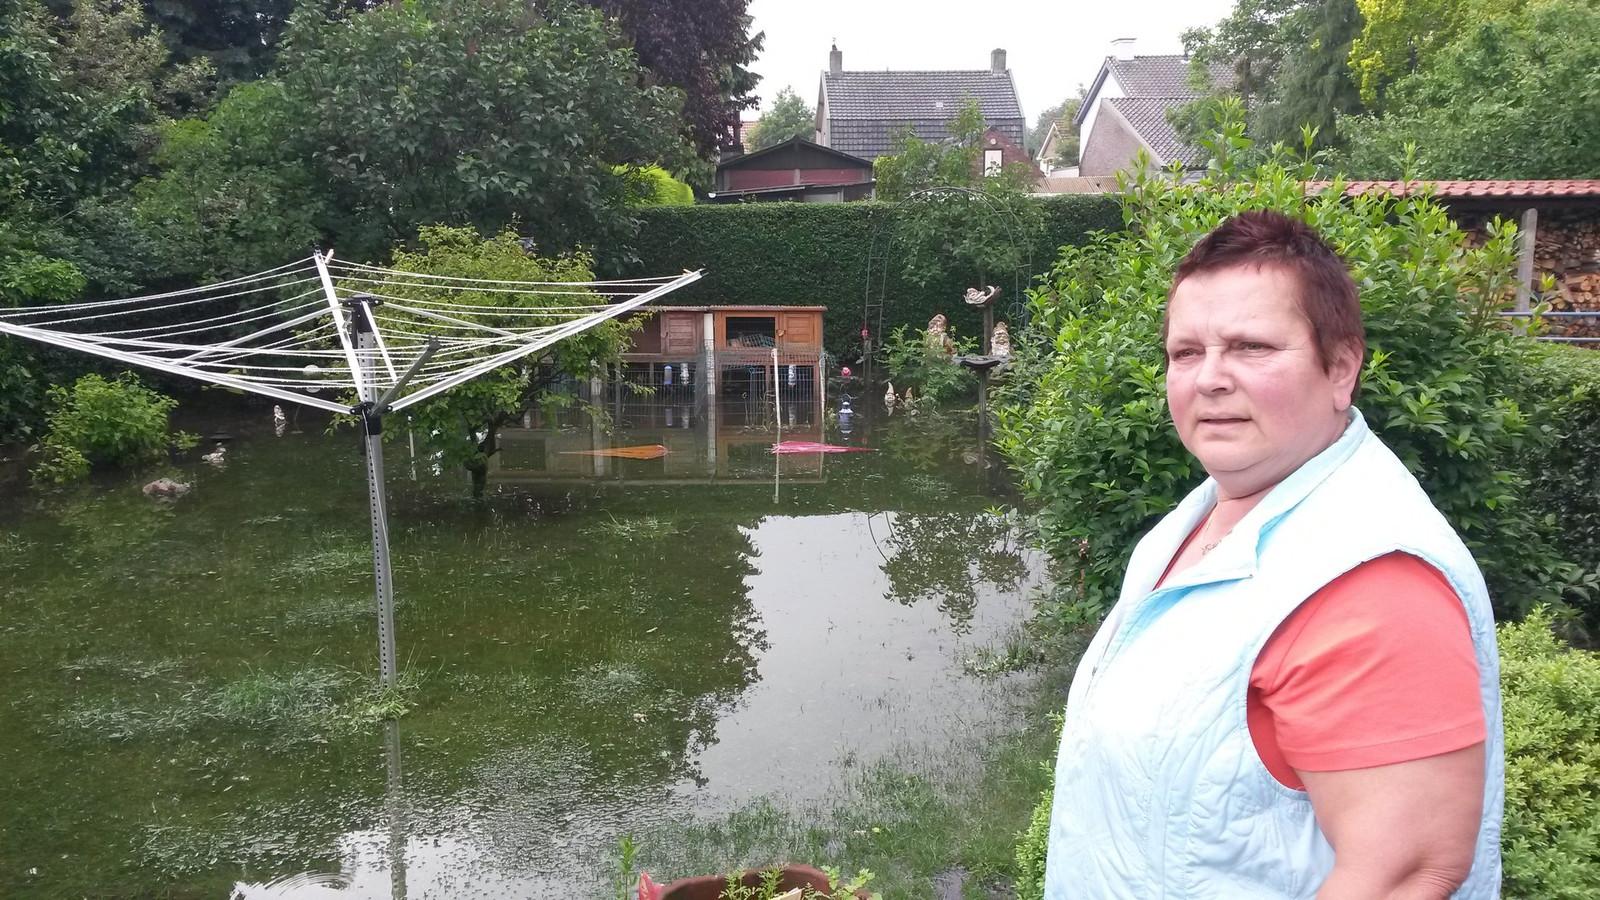 Bewoner van de Keizerstraat na wateroverlast begin juni 2016.